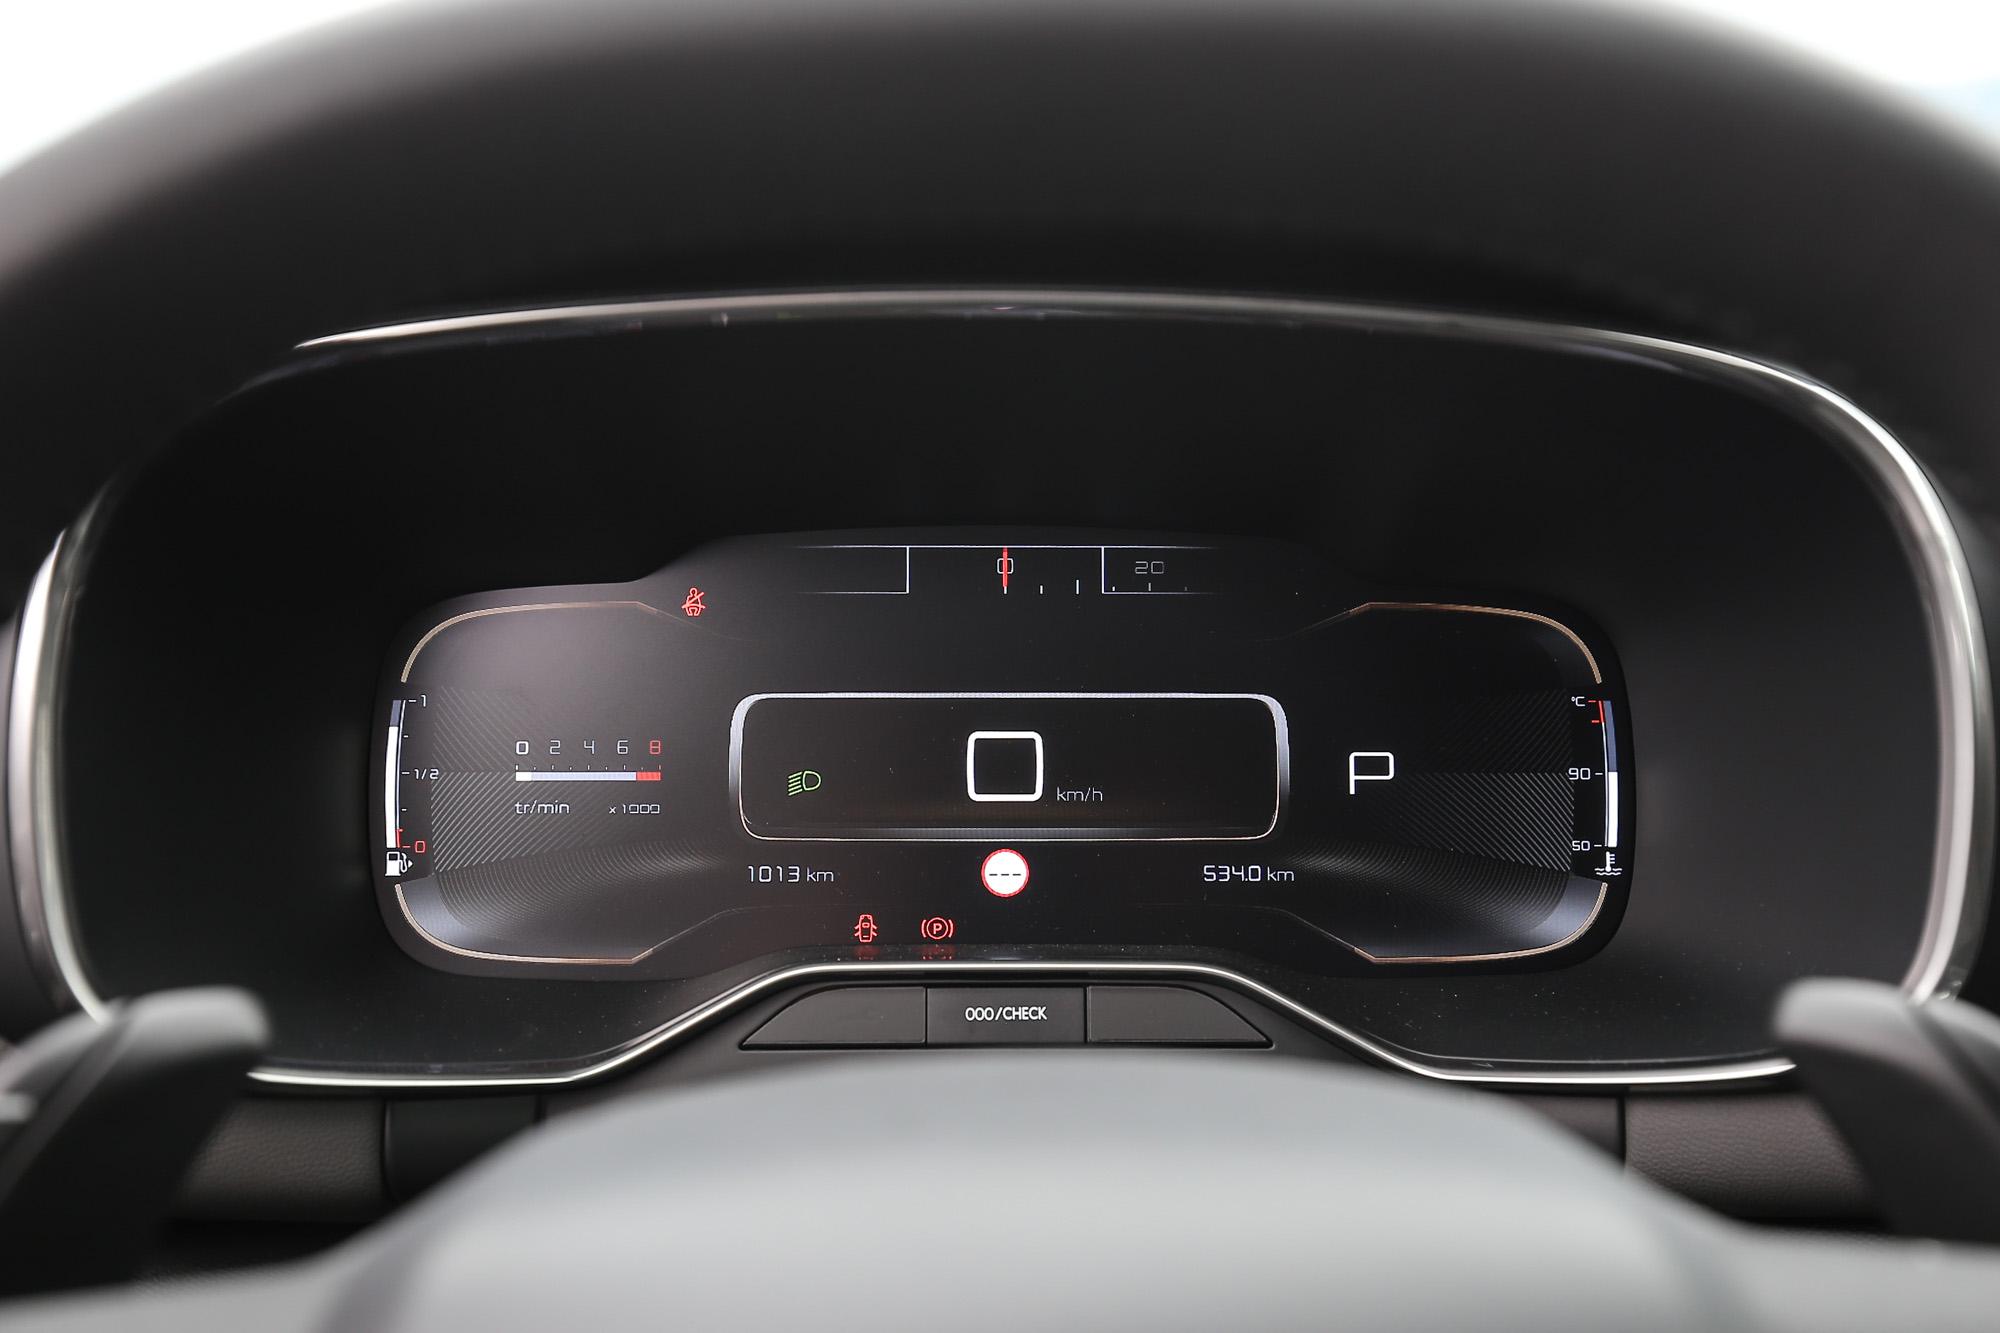 12.3 吋全彩數位儀錶顯示幕,提供截然不同的資訊判讀體驗。